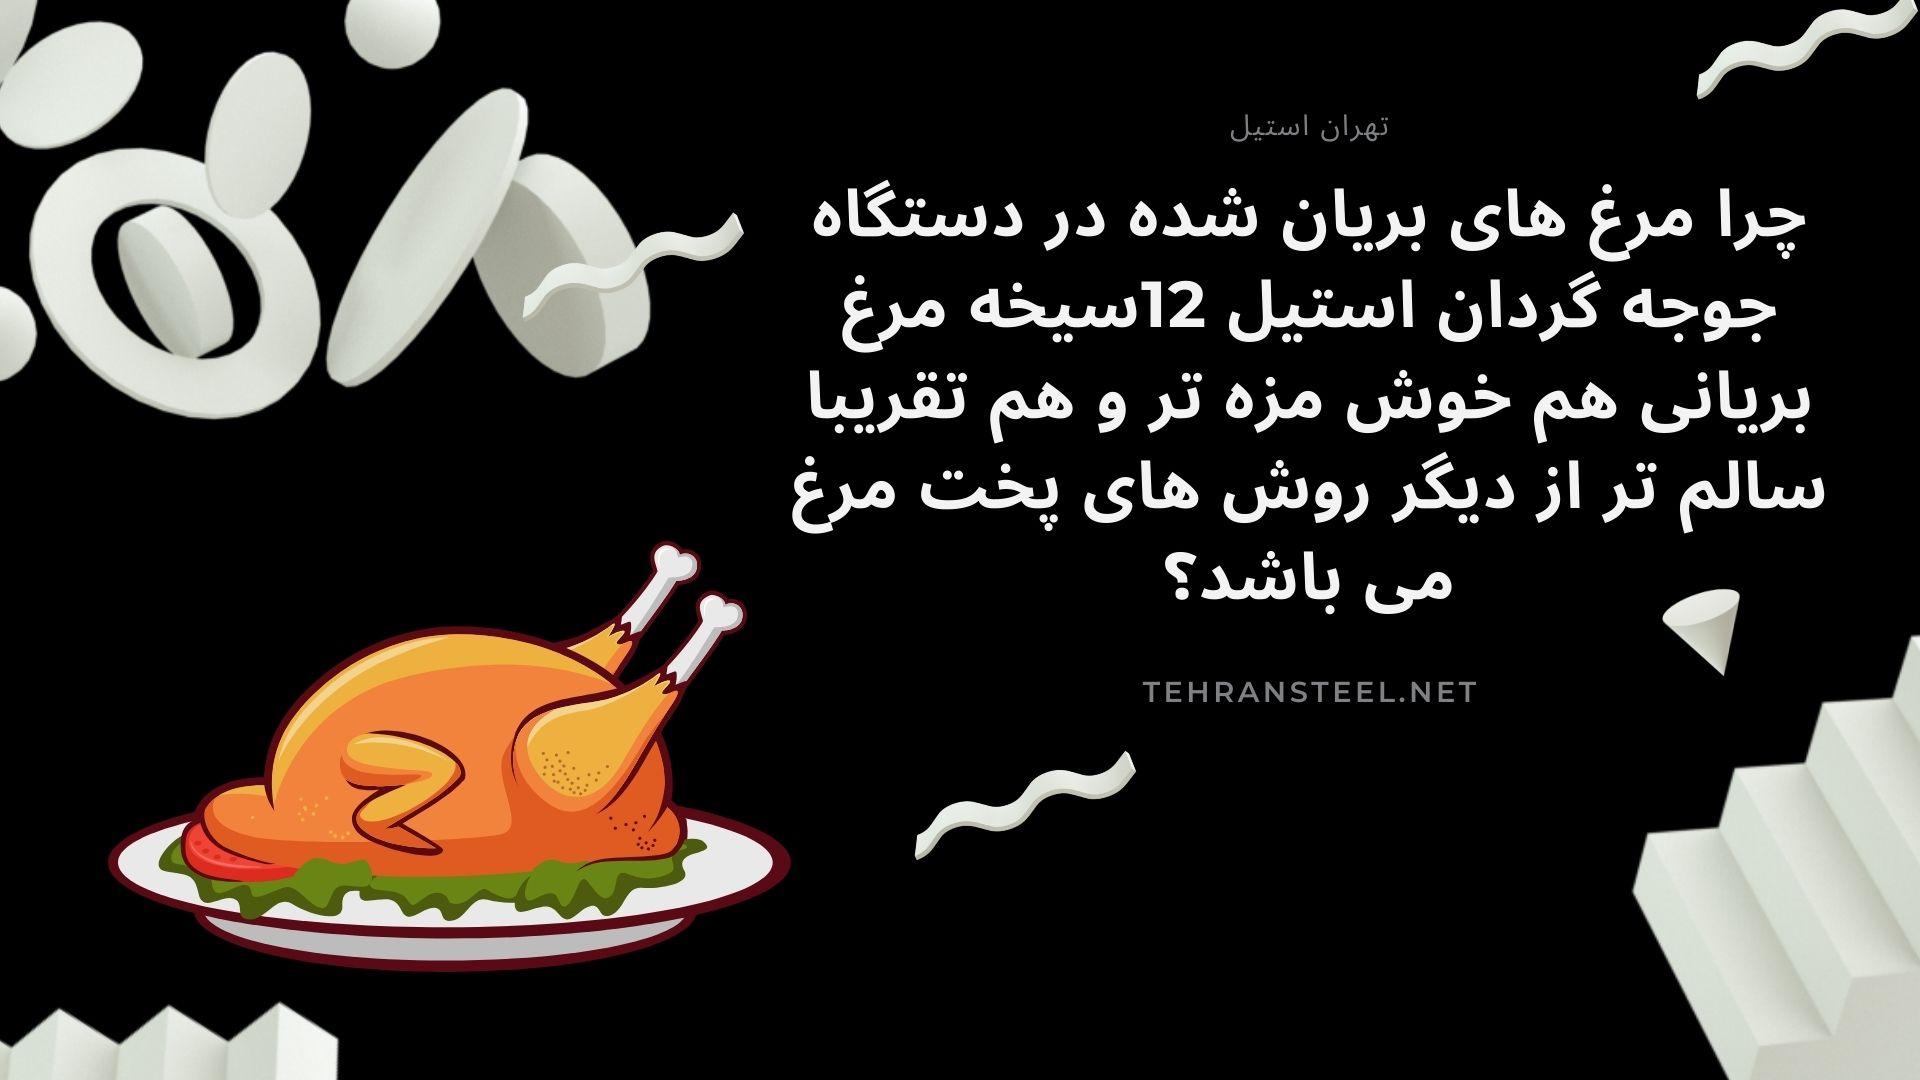 چرا مرغ های بریان شده در دستگاه جوجه گردان استیل ۱۲ سیخه مرغ بریانی هم خوش مزه تر و هم تقریبا سالم تر از دیگر روش پخت مرغ می باشد؟